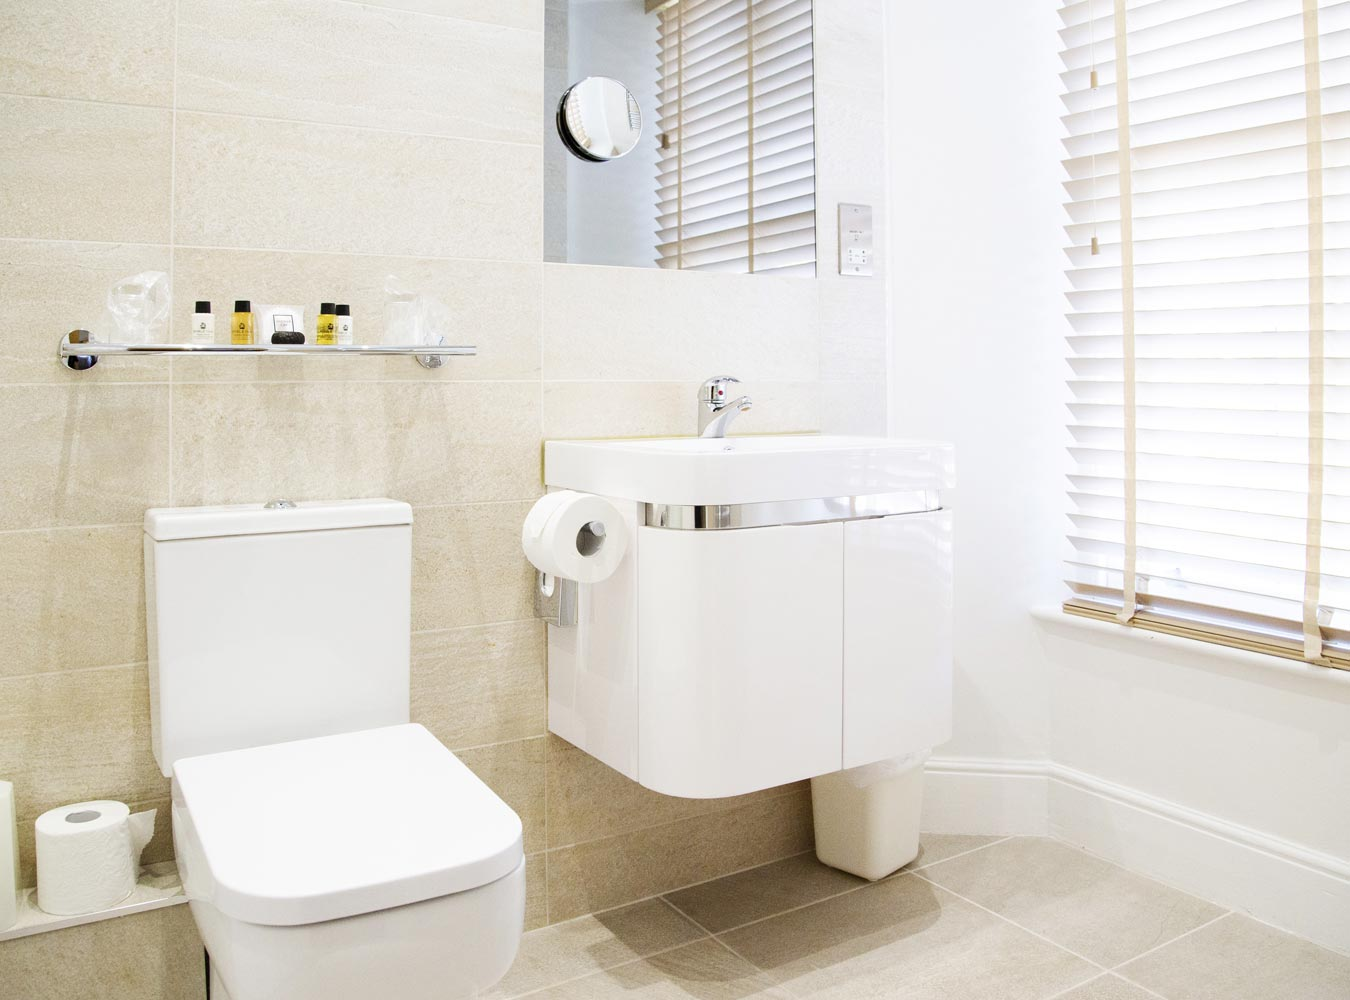 27x20_room5-bathroom2